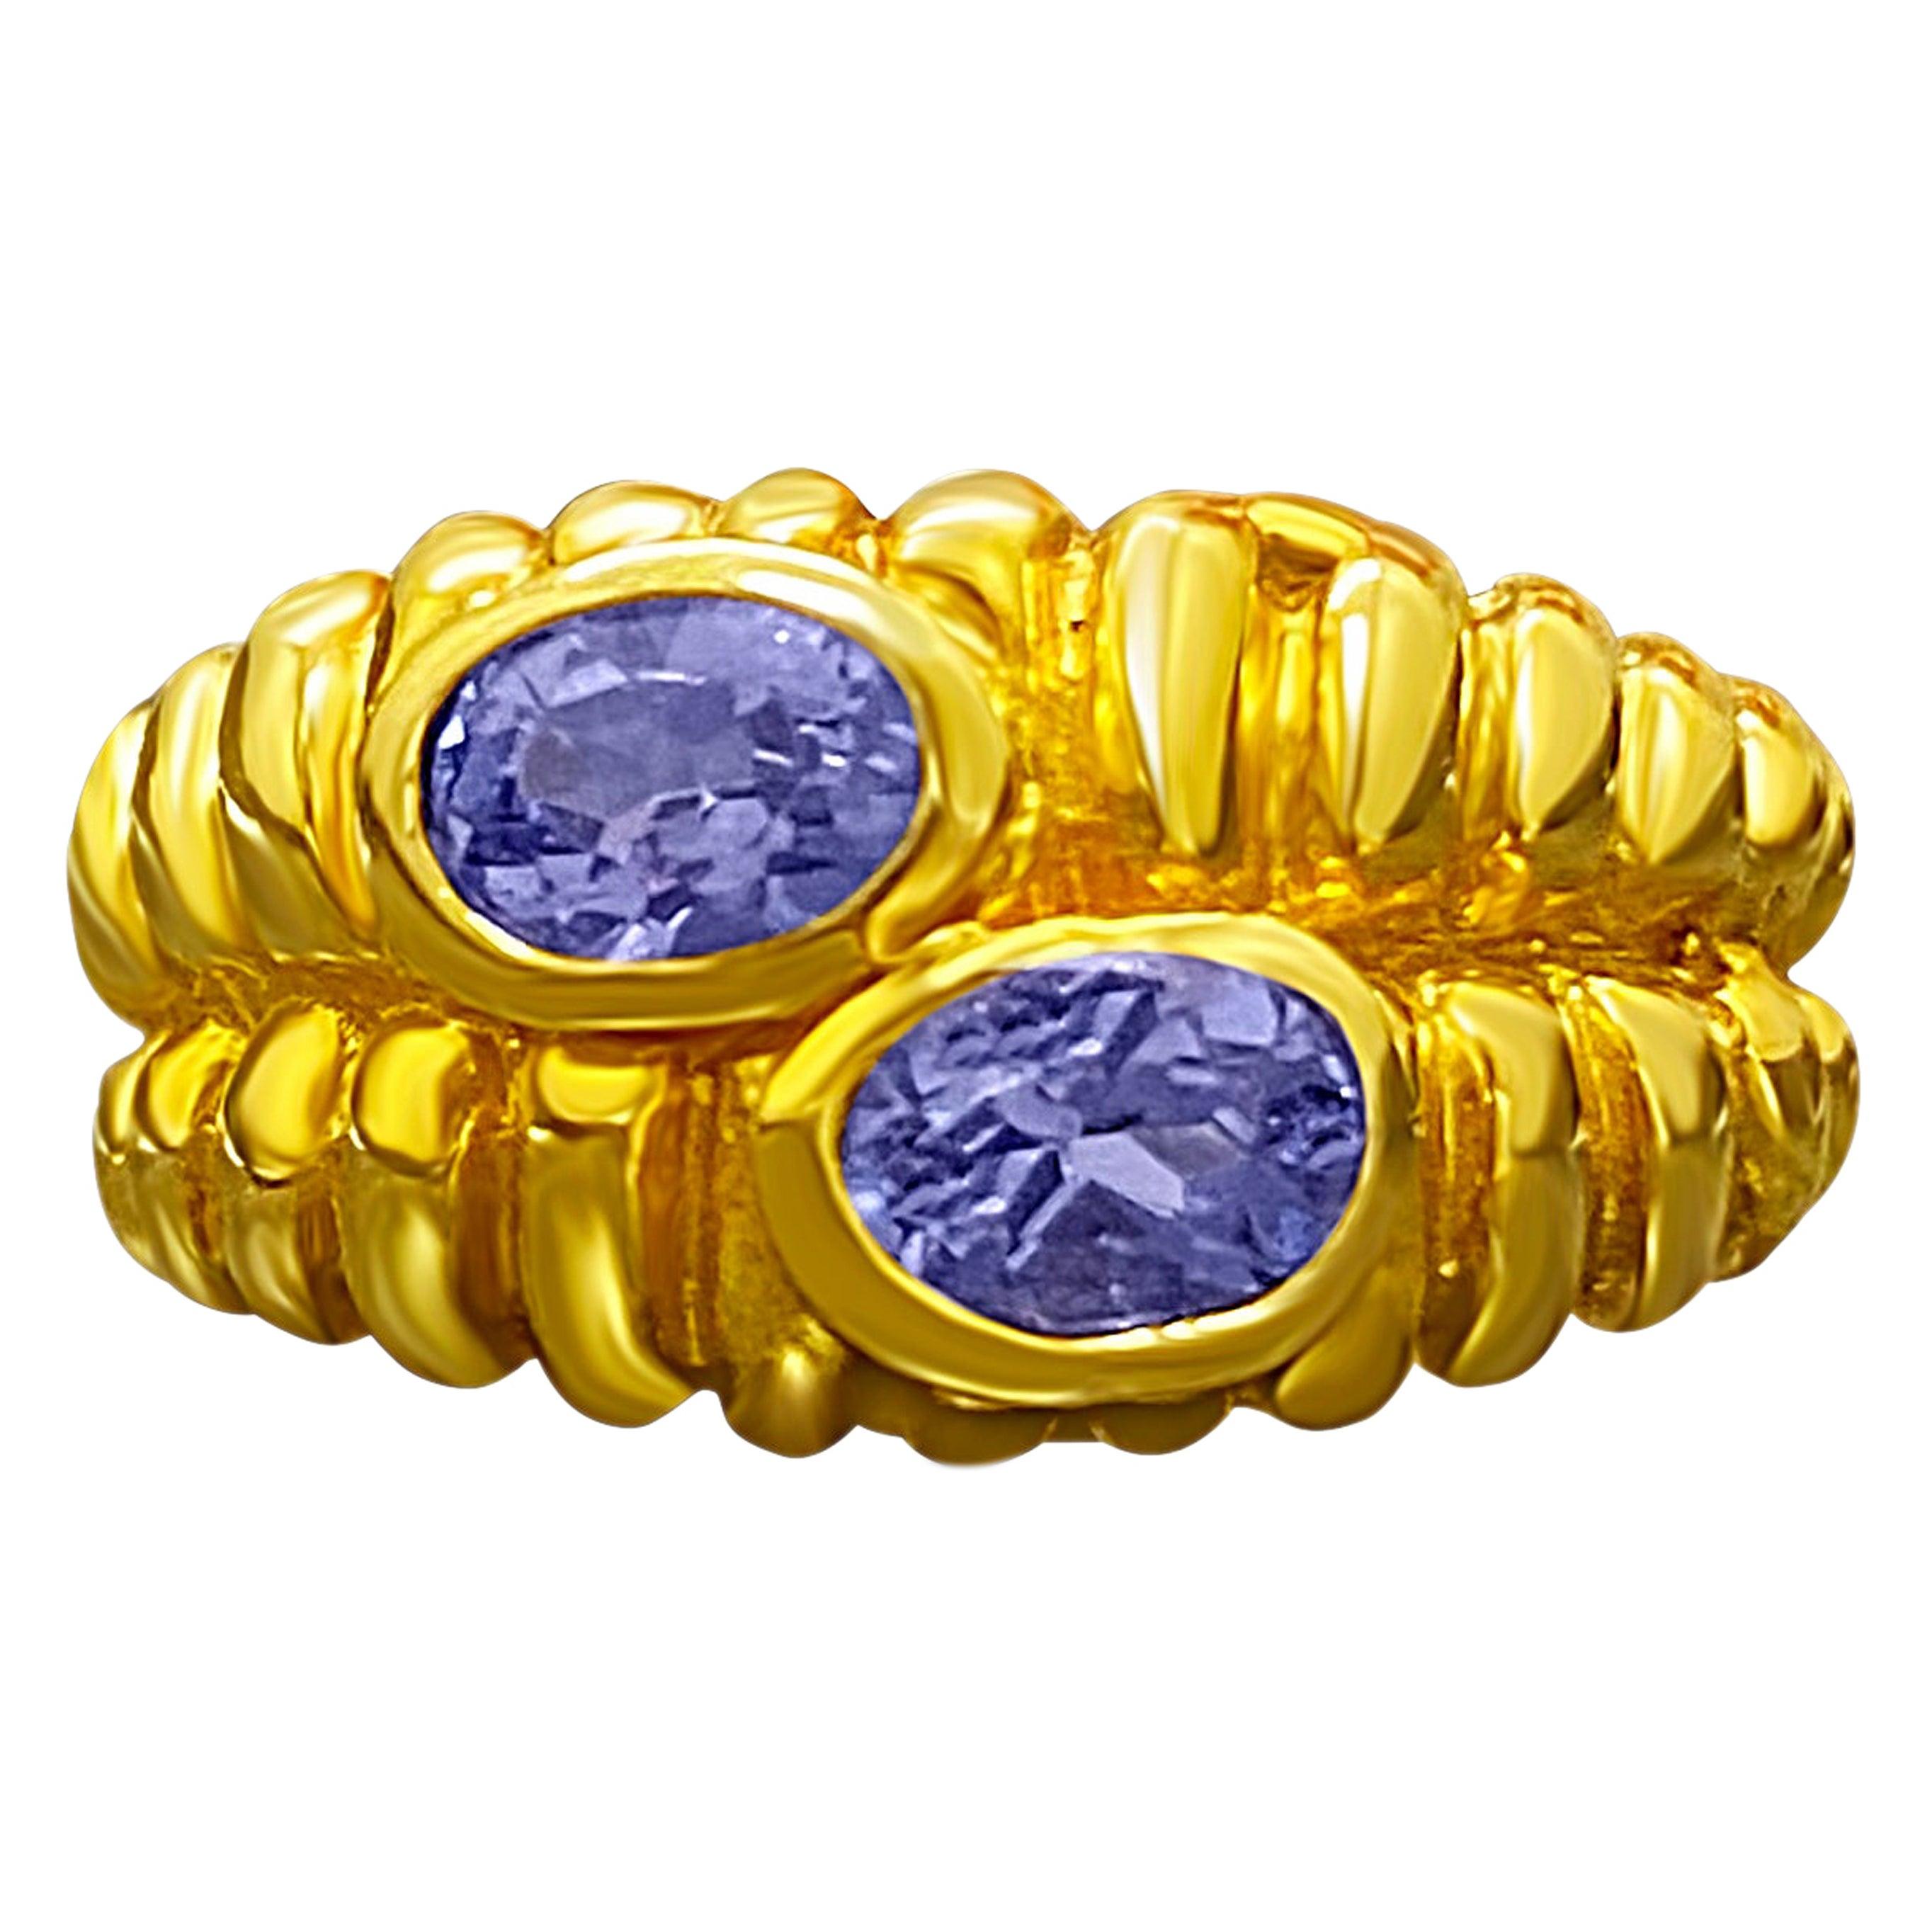 """0.80 Carat Tanzanite """"Toi Et Moi"""" 14 Karat Yellow Gold Oval Cut Engagement Ring"""